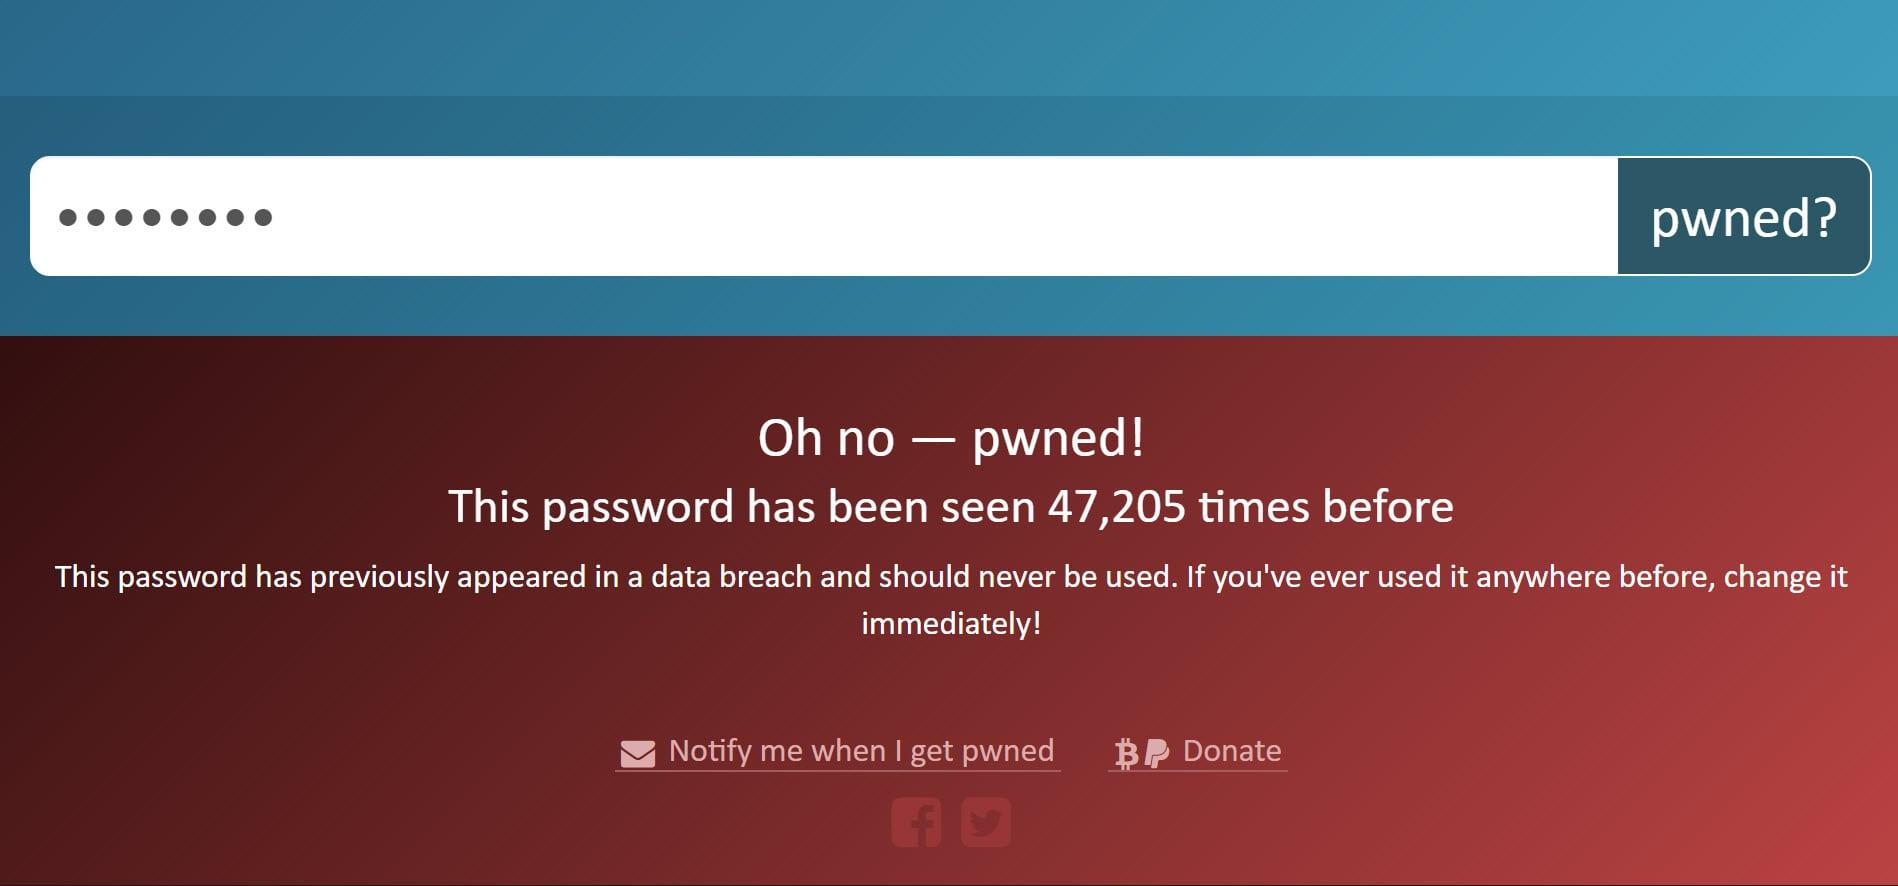 Pwned Passwords: поле для ввода пароля, подлежащего проверке